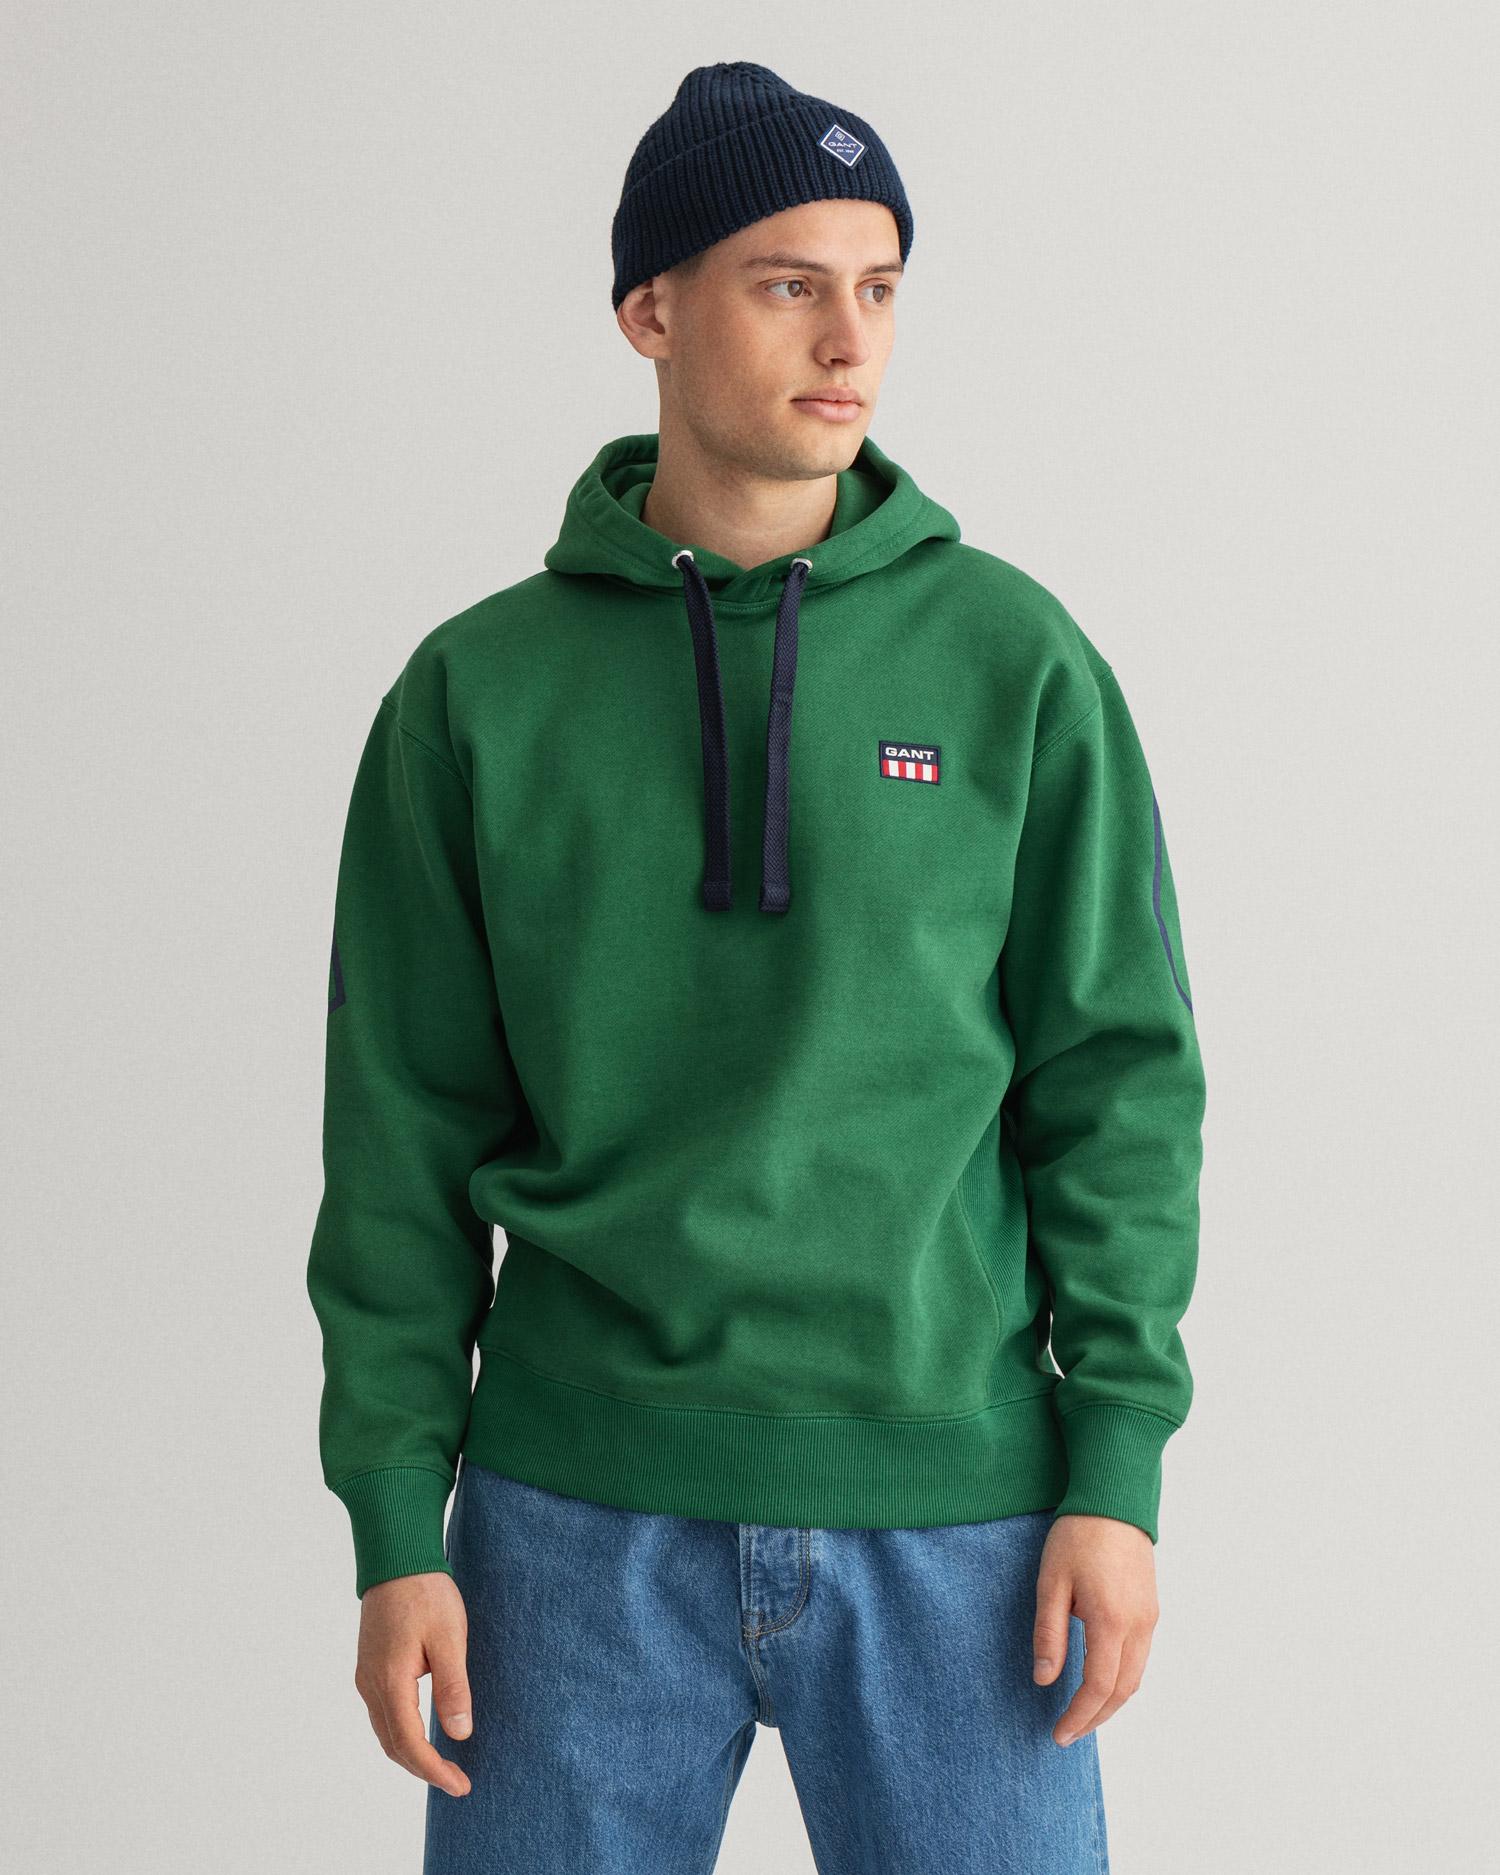 GANT męska bluza z kapturem Relaxed Fit z logo w stylu retro - 2007025